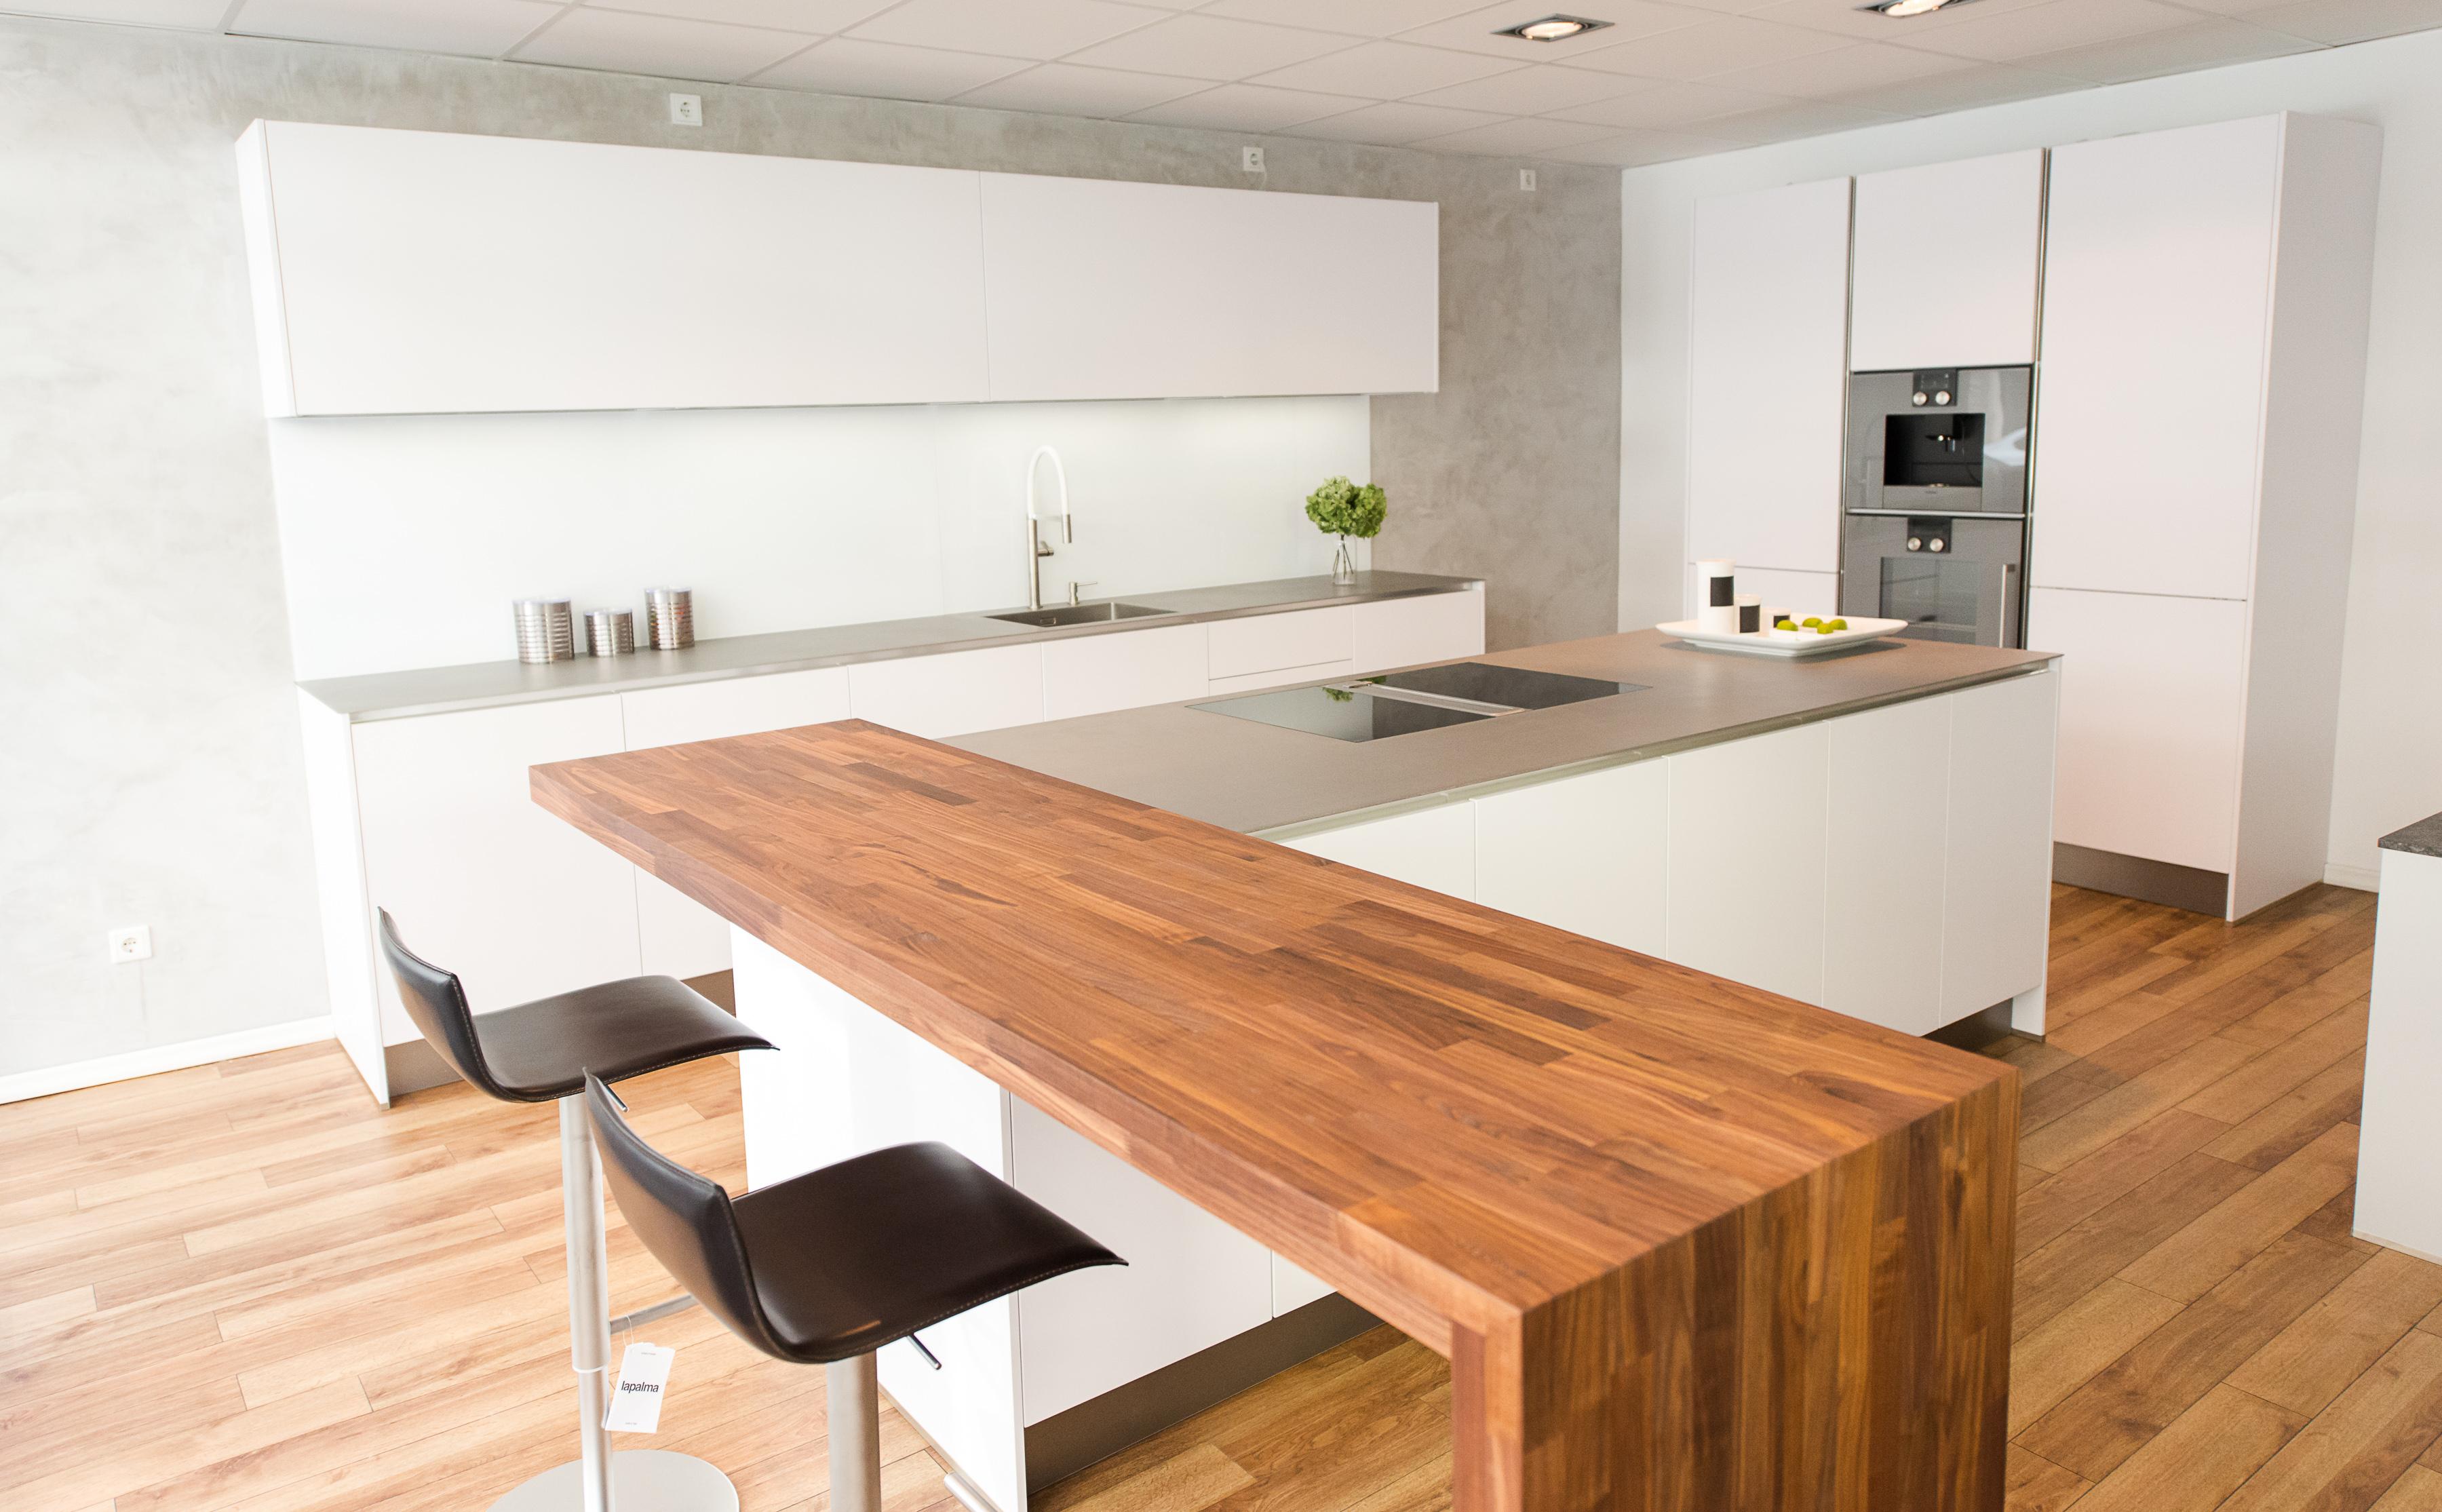 Fantastisch Küchendesign Eckwand Backofen Bilder - Küchenschrank ...